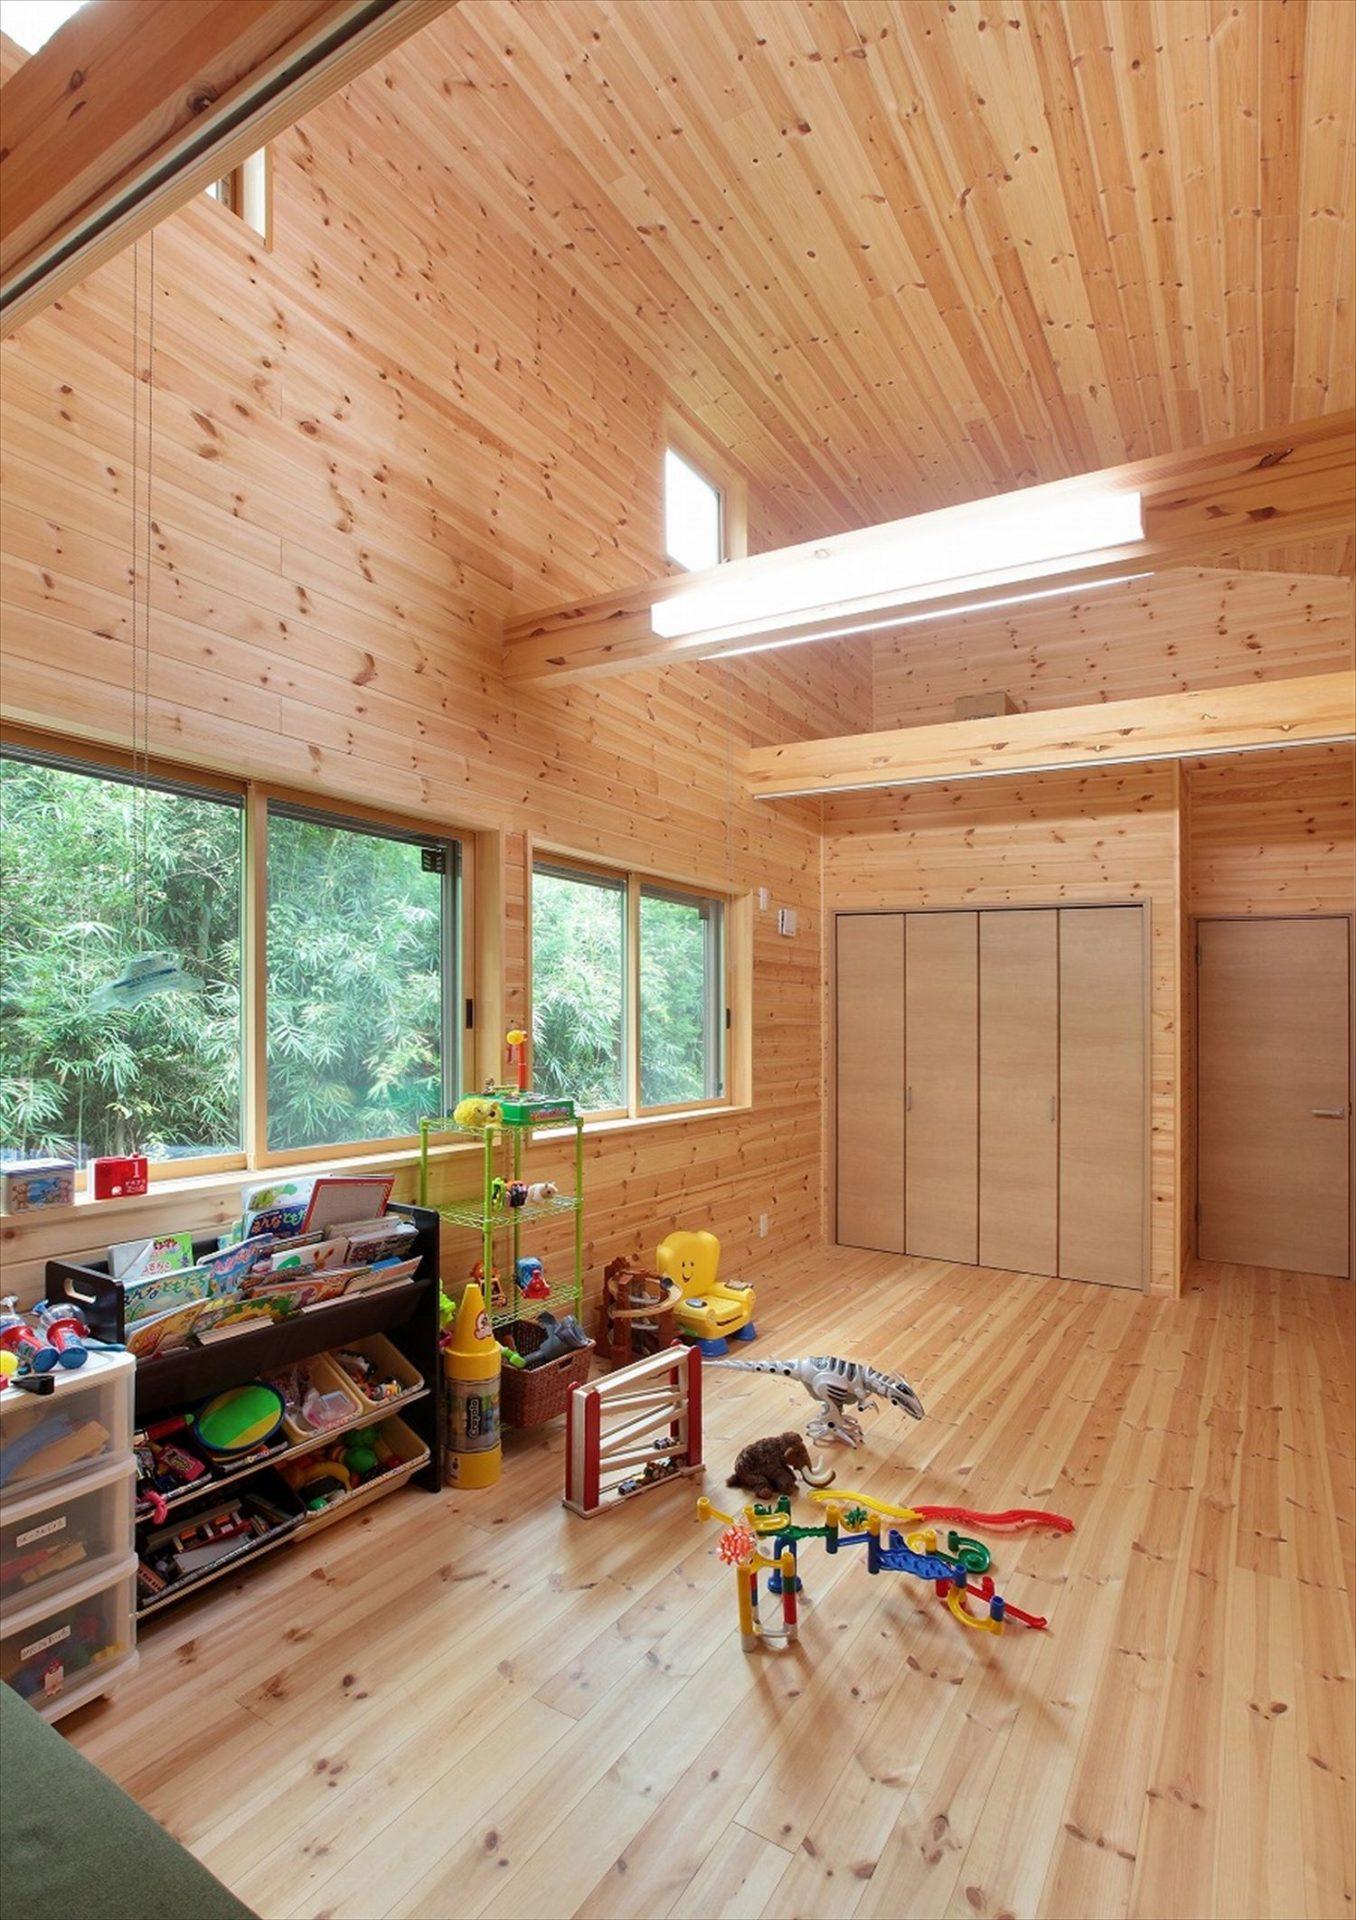 家族で暮らすナチュラルテイストの平屋の子供部屋|かすみがうら市の注文住宅,ログハウスのような木の家を低価格で建てるならエイ・ワン